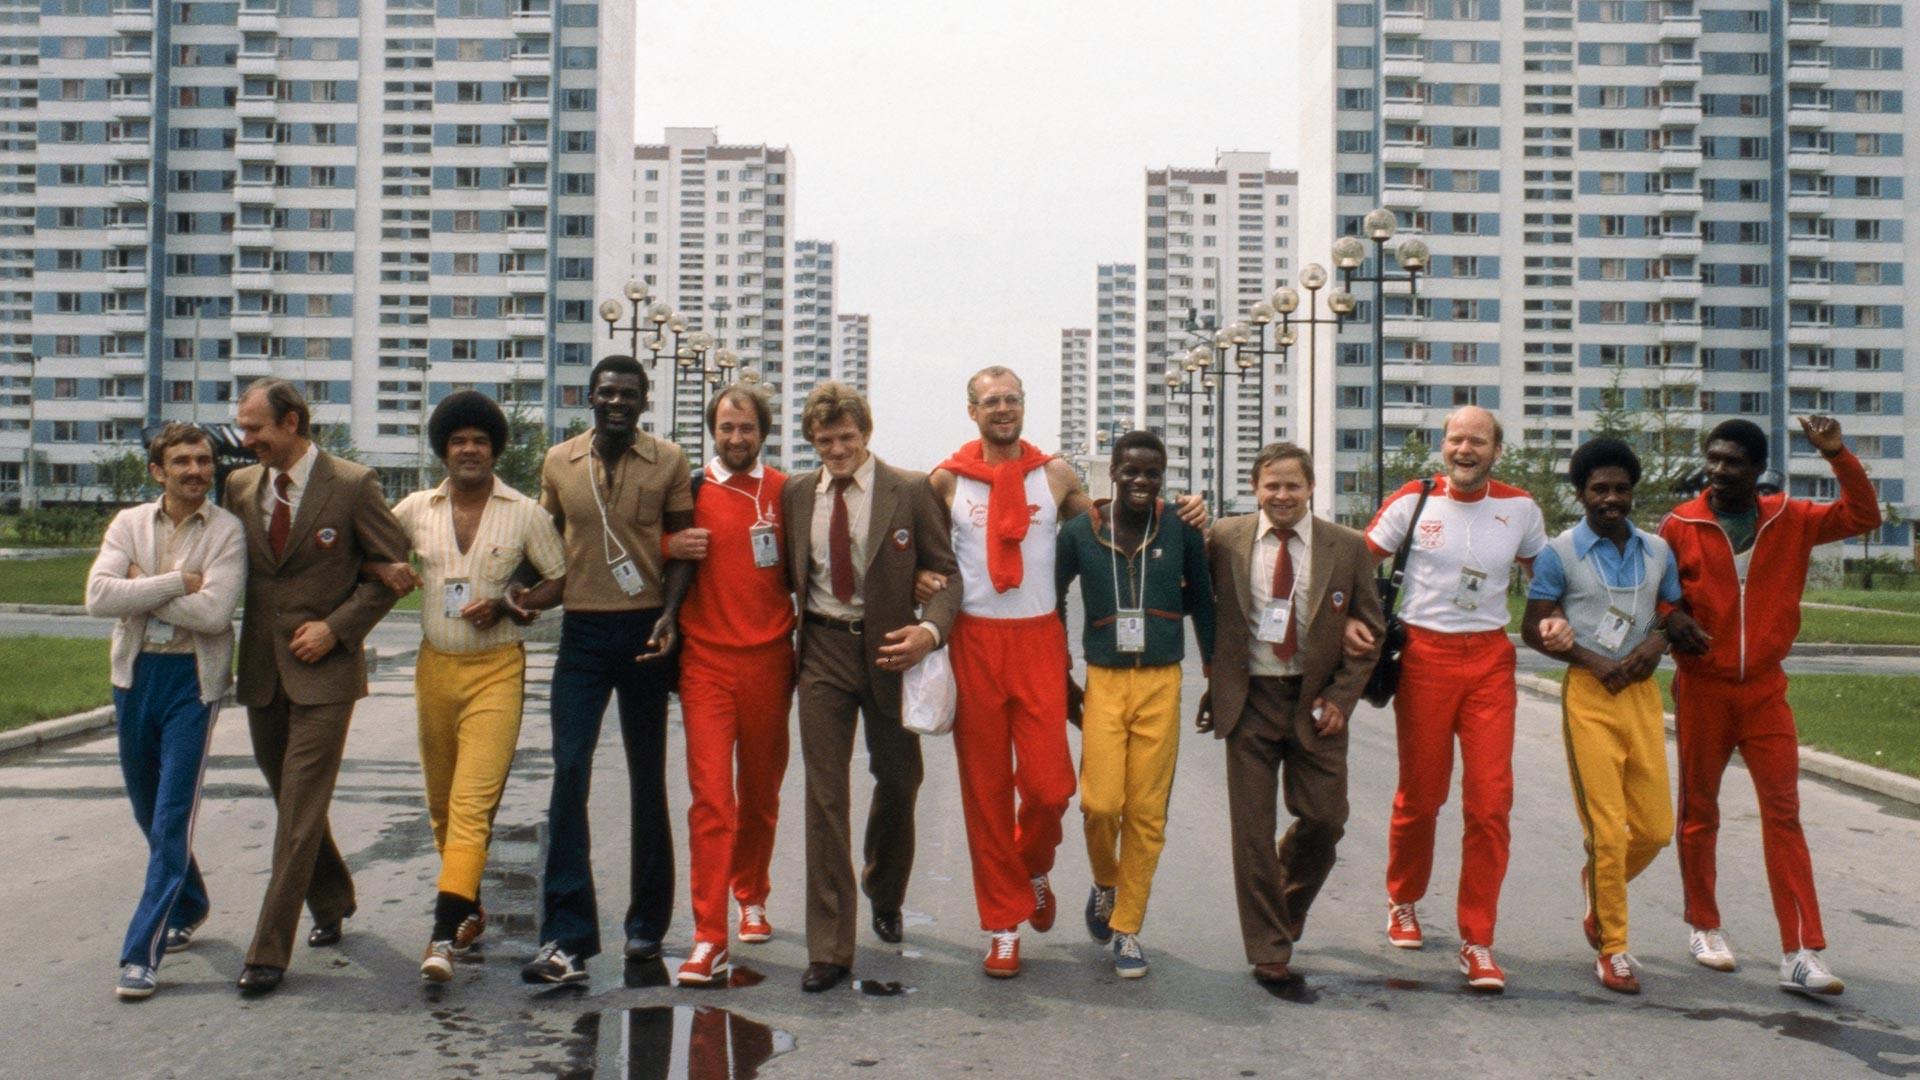 ソ連、デンマークとガイアナの選手がオリンピック村にて